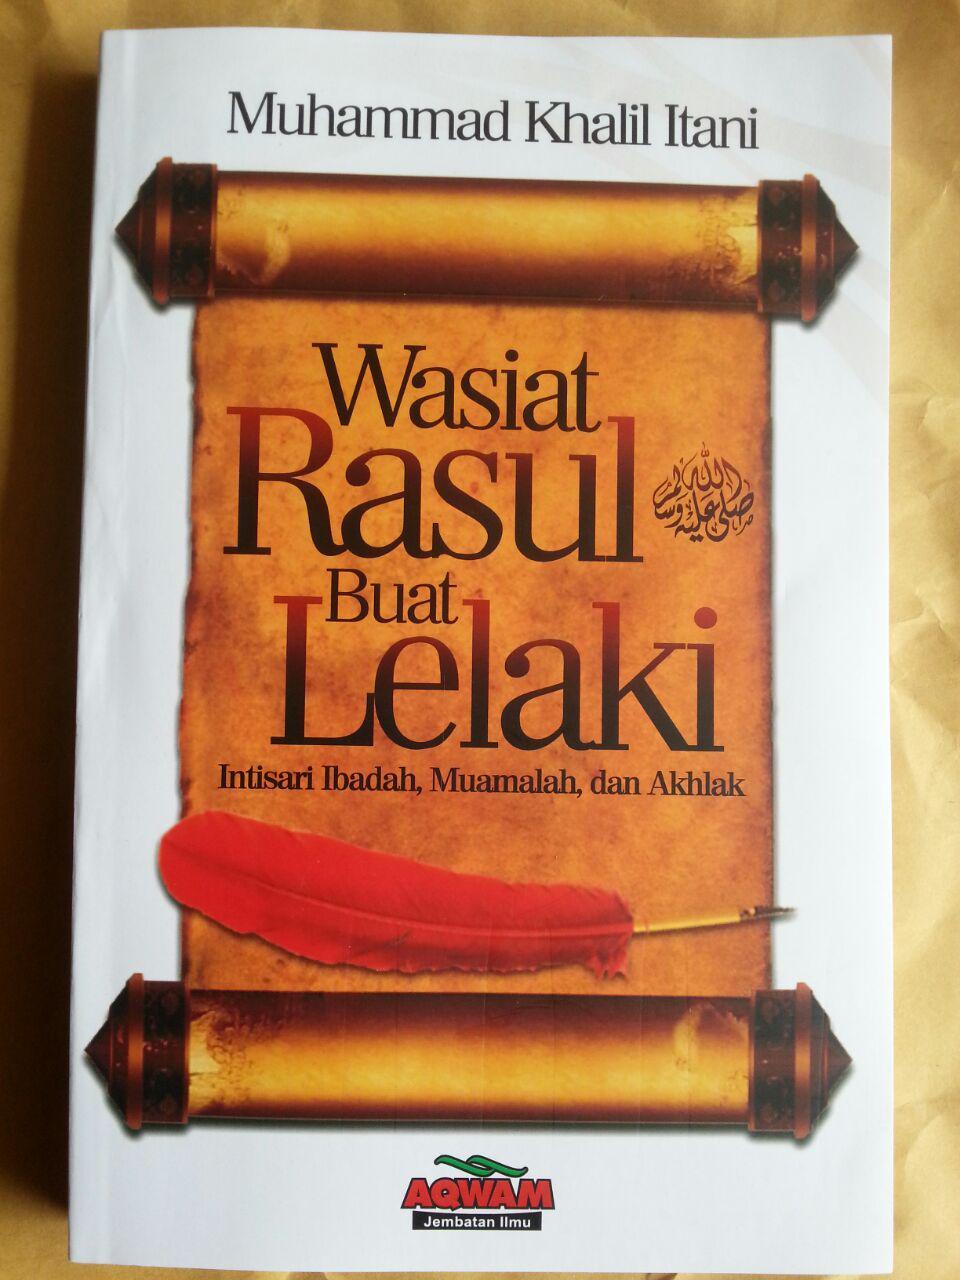 Buku Wasiat Rasul Buat Lelaki Intisari Ibadah Muamalah Akhlak cover 2